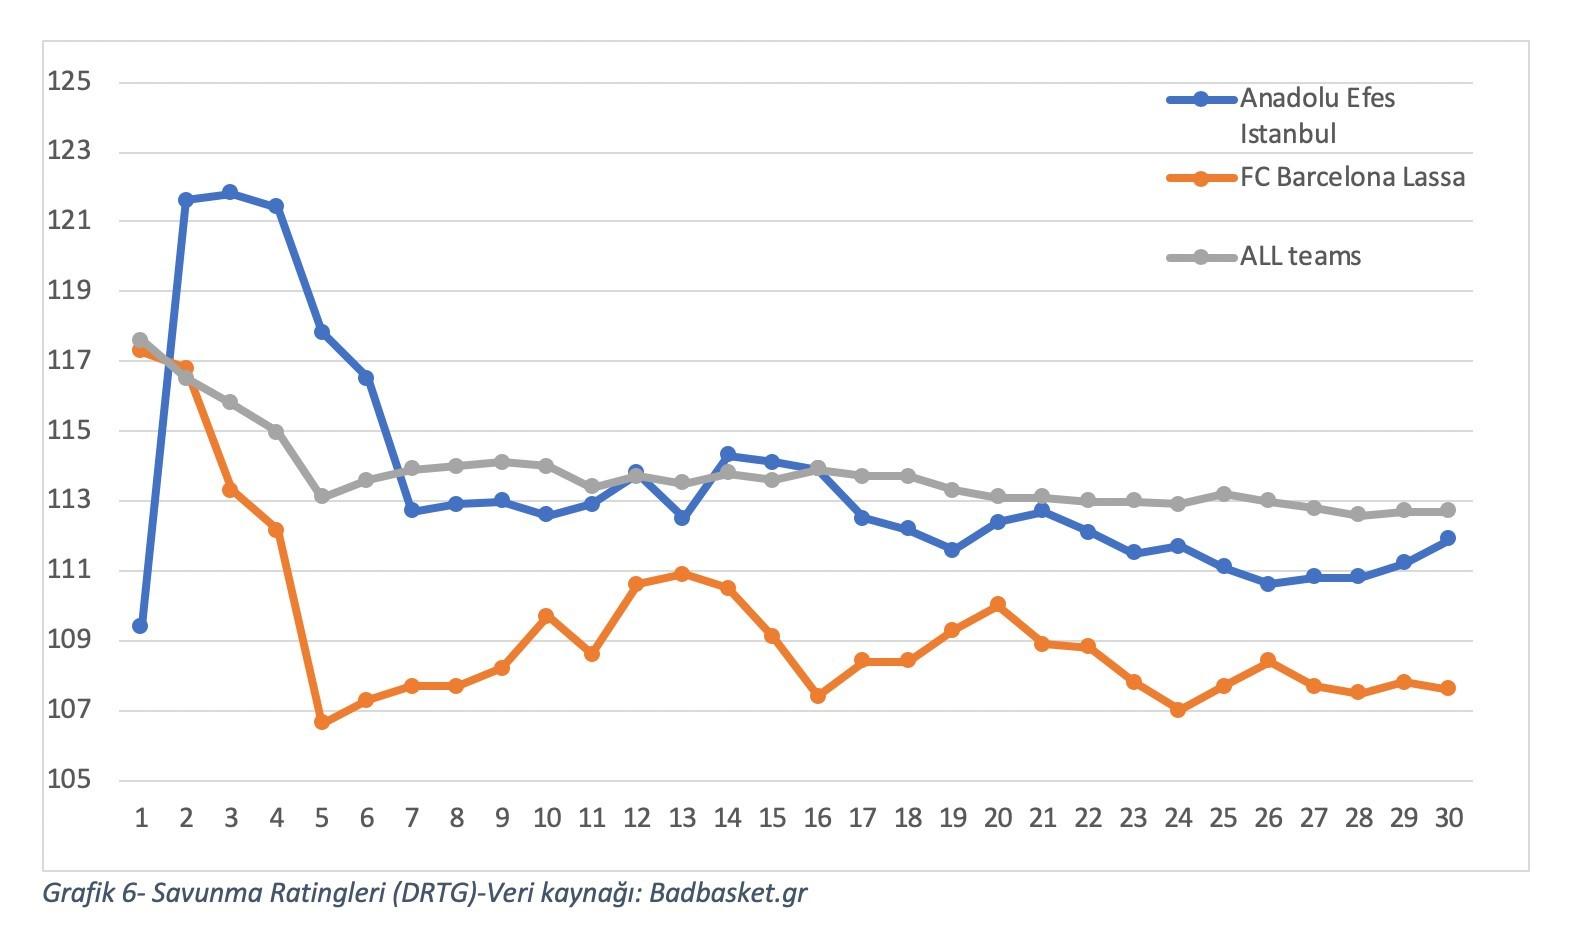 Grafik 6- Savunma Ratingleri (DRTG)-Veri kaynağı: Badbasket.gr